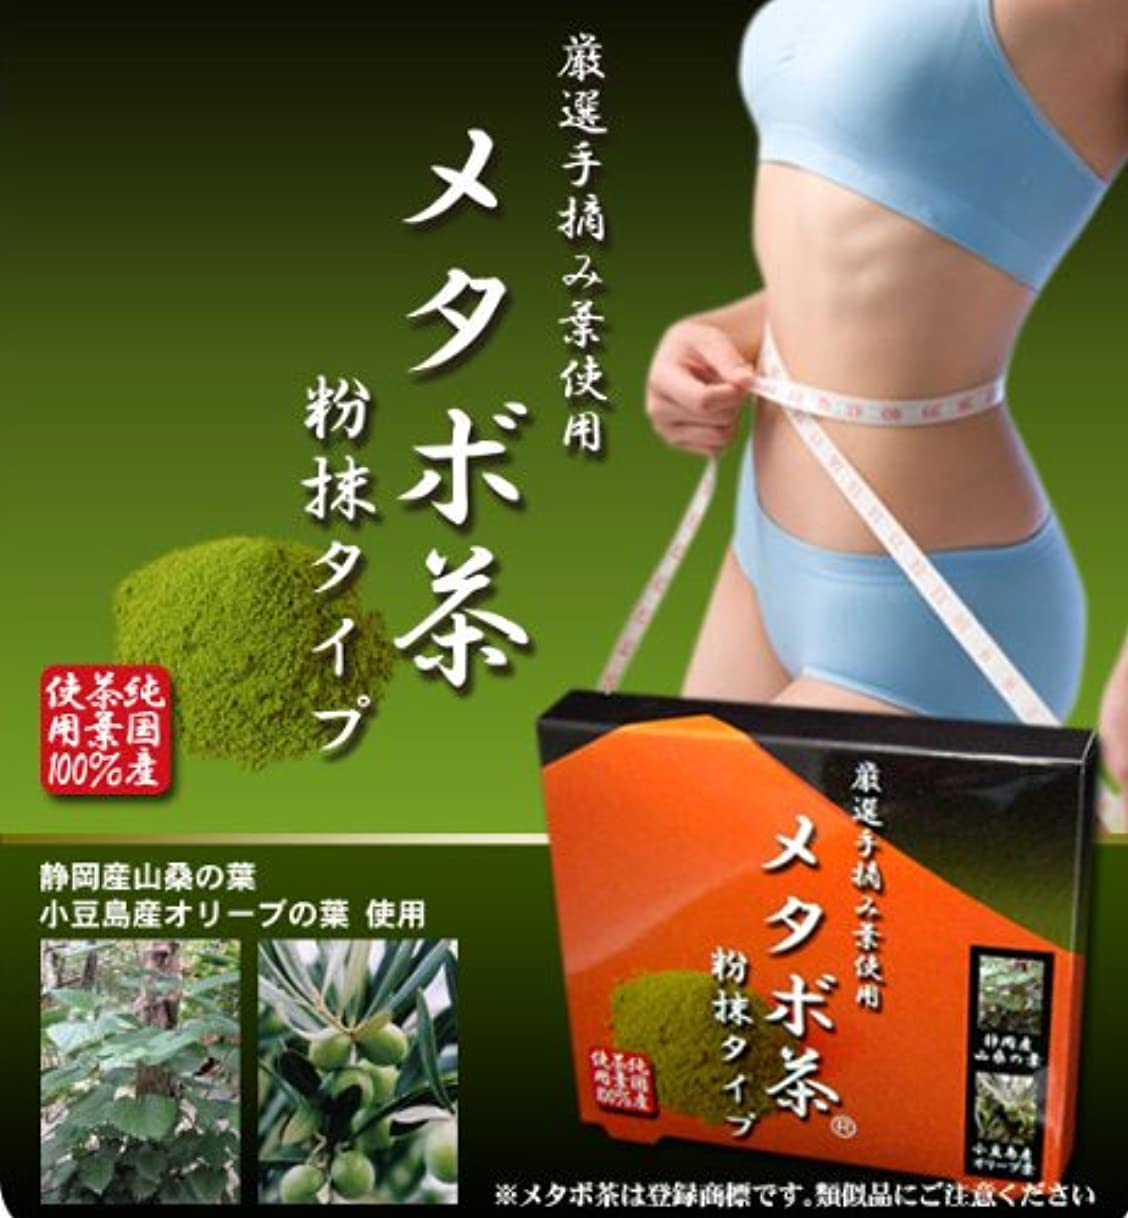 浮浪者なぞらえる暴行メタボ茶粉抹タイプ 2個セット(完全無農薬 純国産茶葉100%使用ダイエット茶)